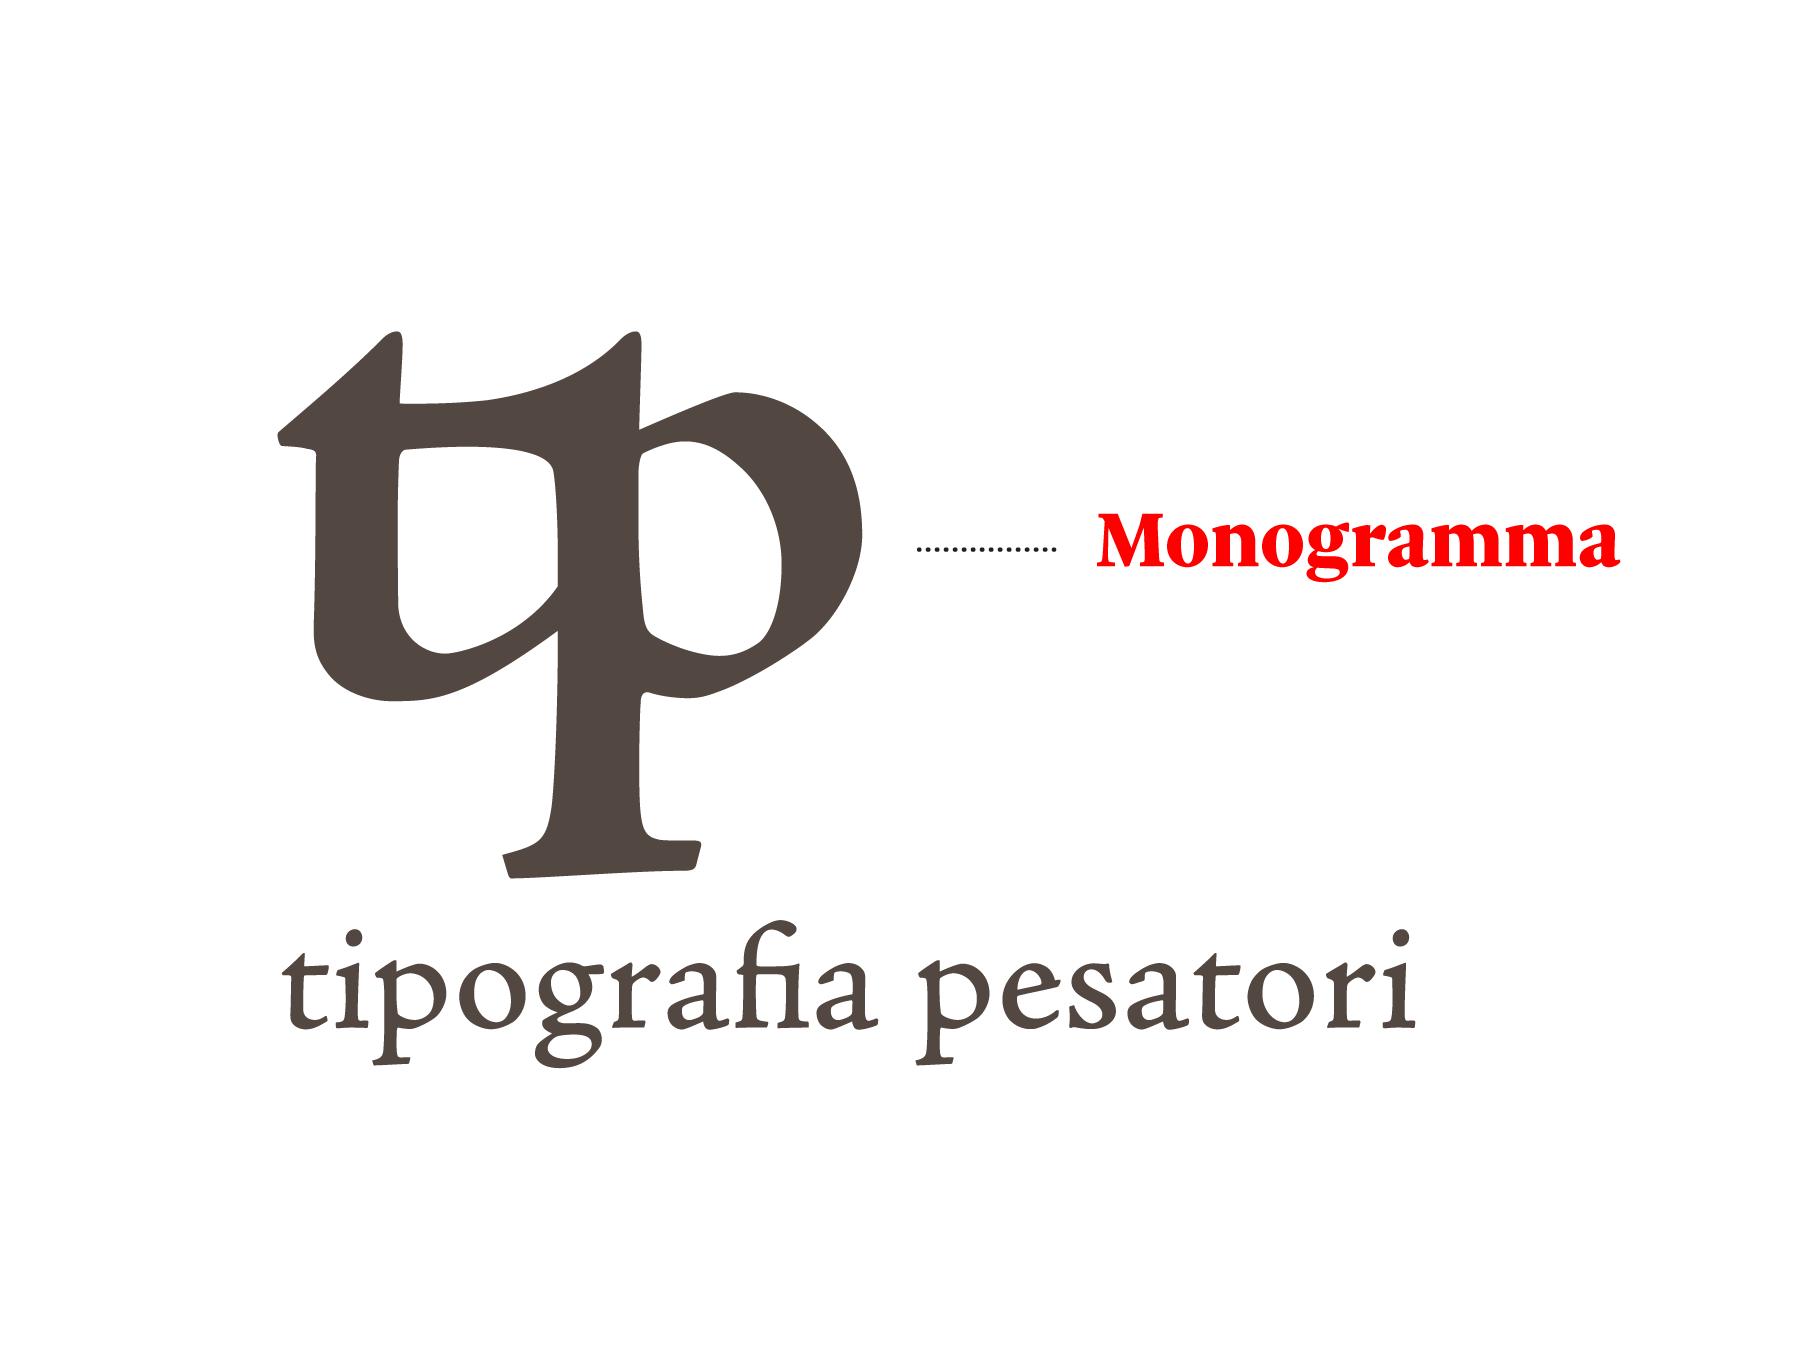 Un esempio di monogramma generato da due lettere